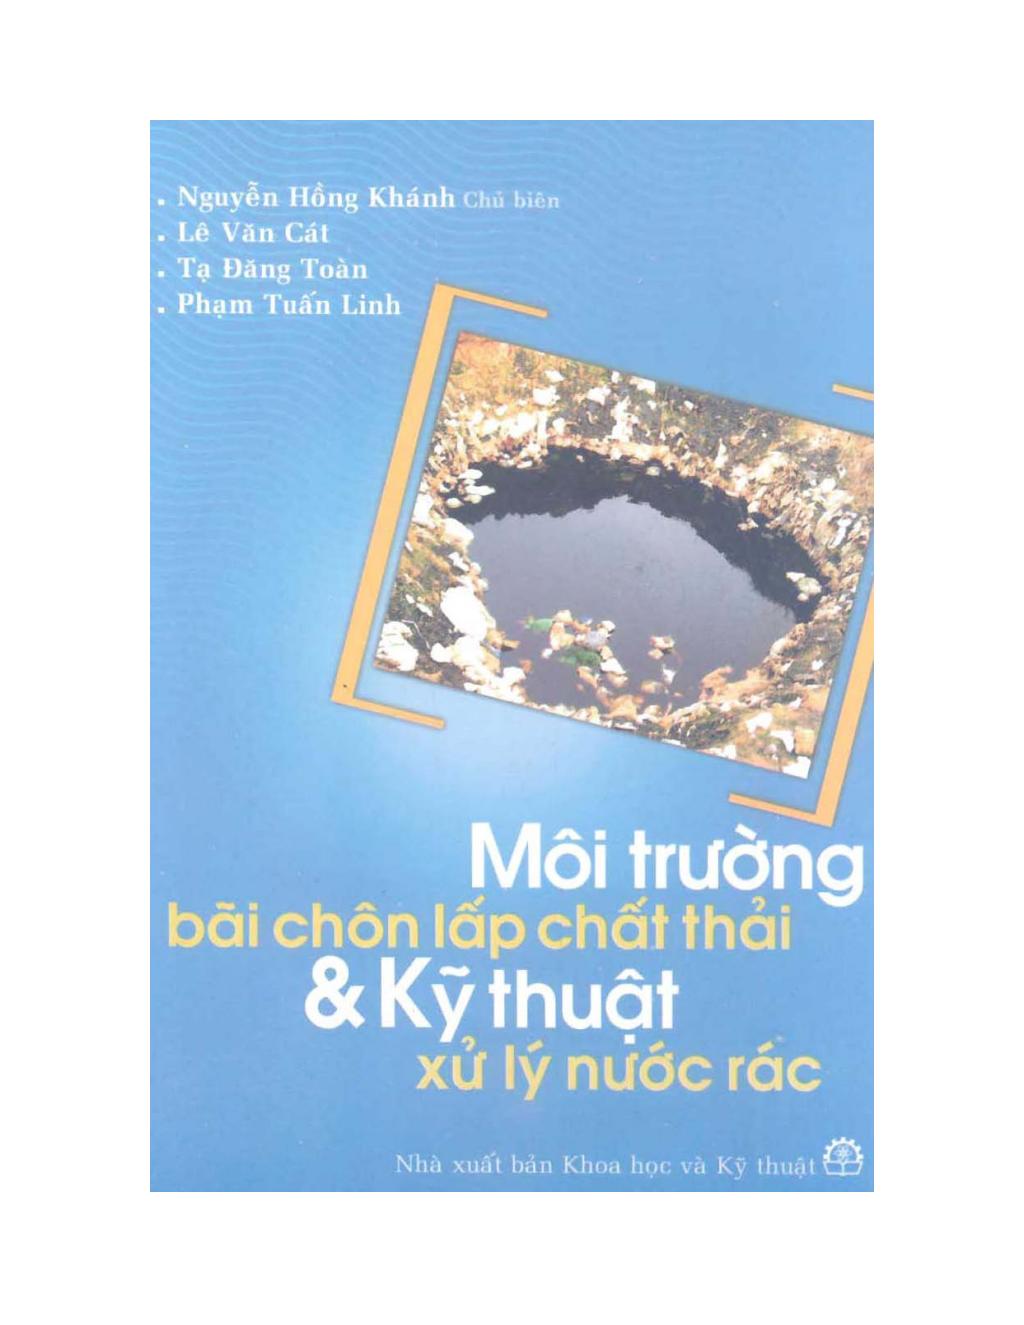 Môi trường bãi chôn lấp chất thải và kỹ thuật xử lý nước rác: Phần 1 - Nguyễn Hồng Khánh